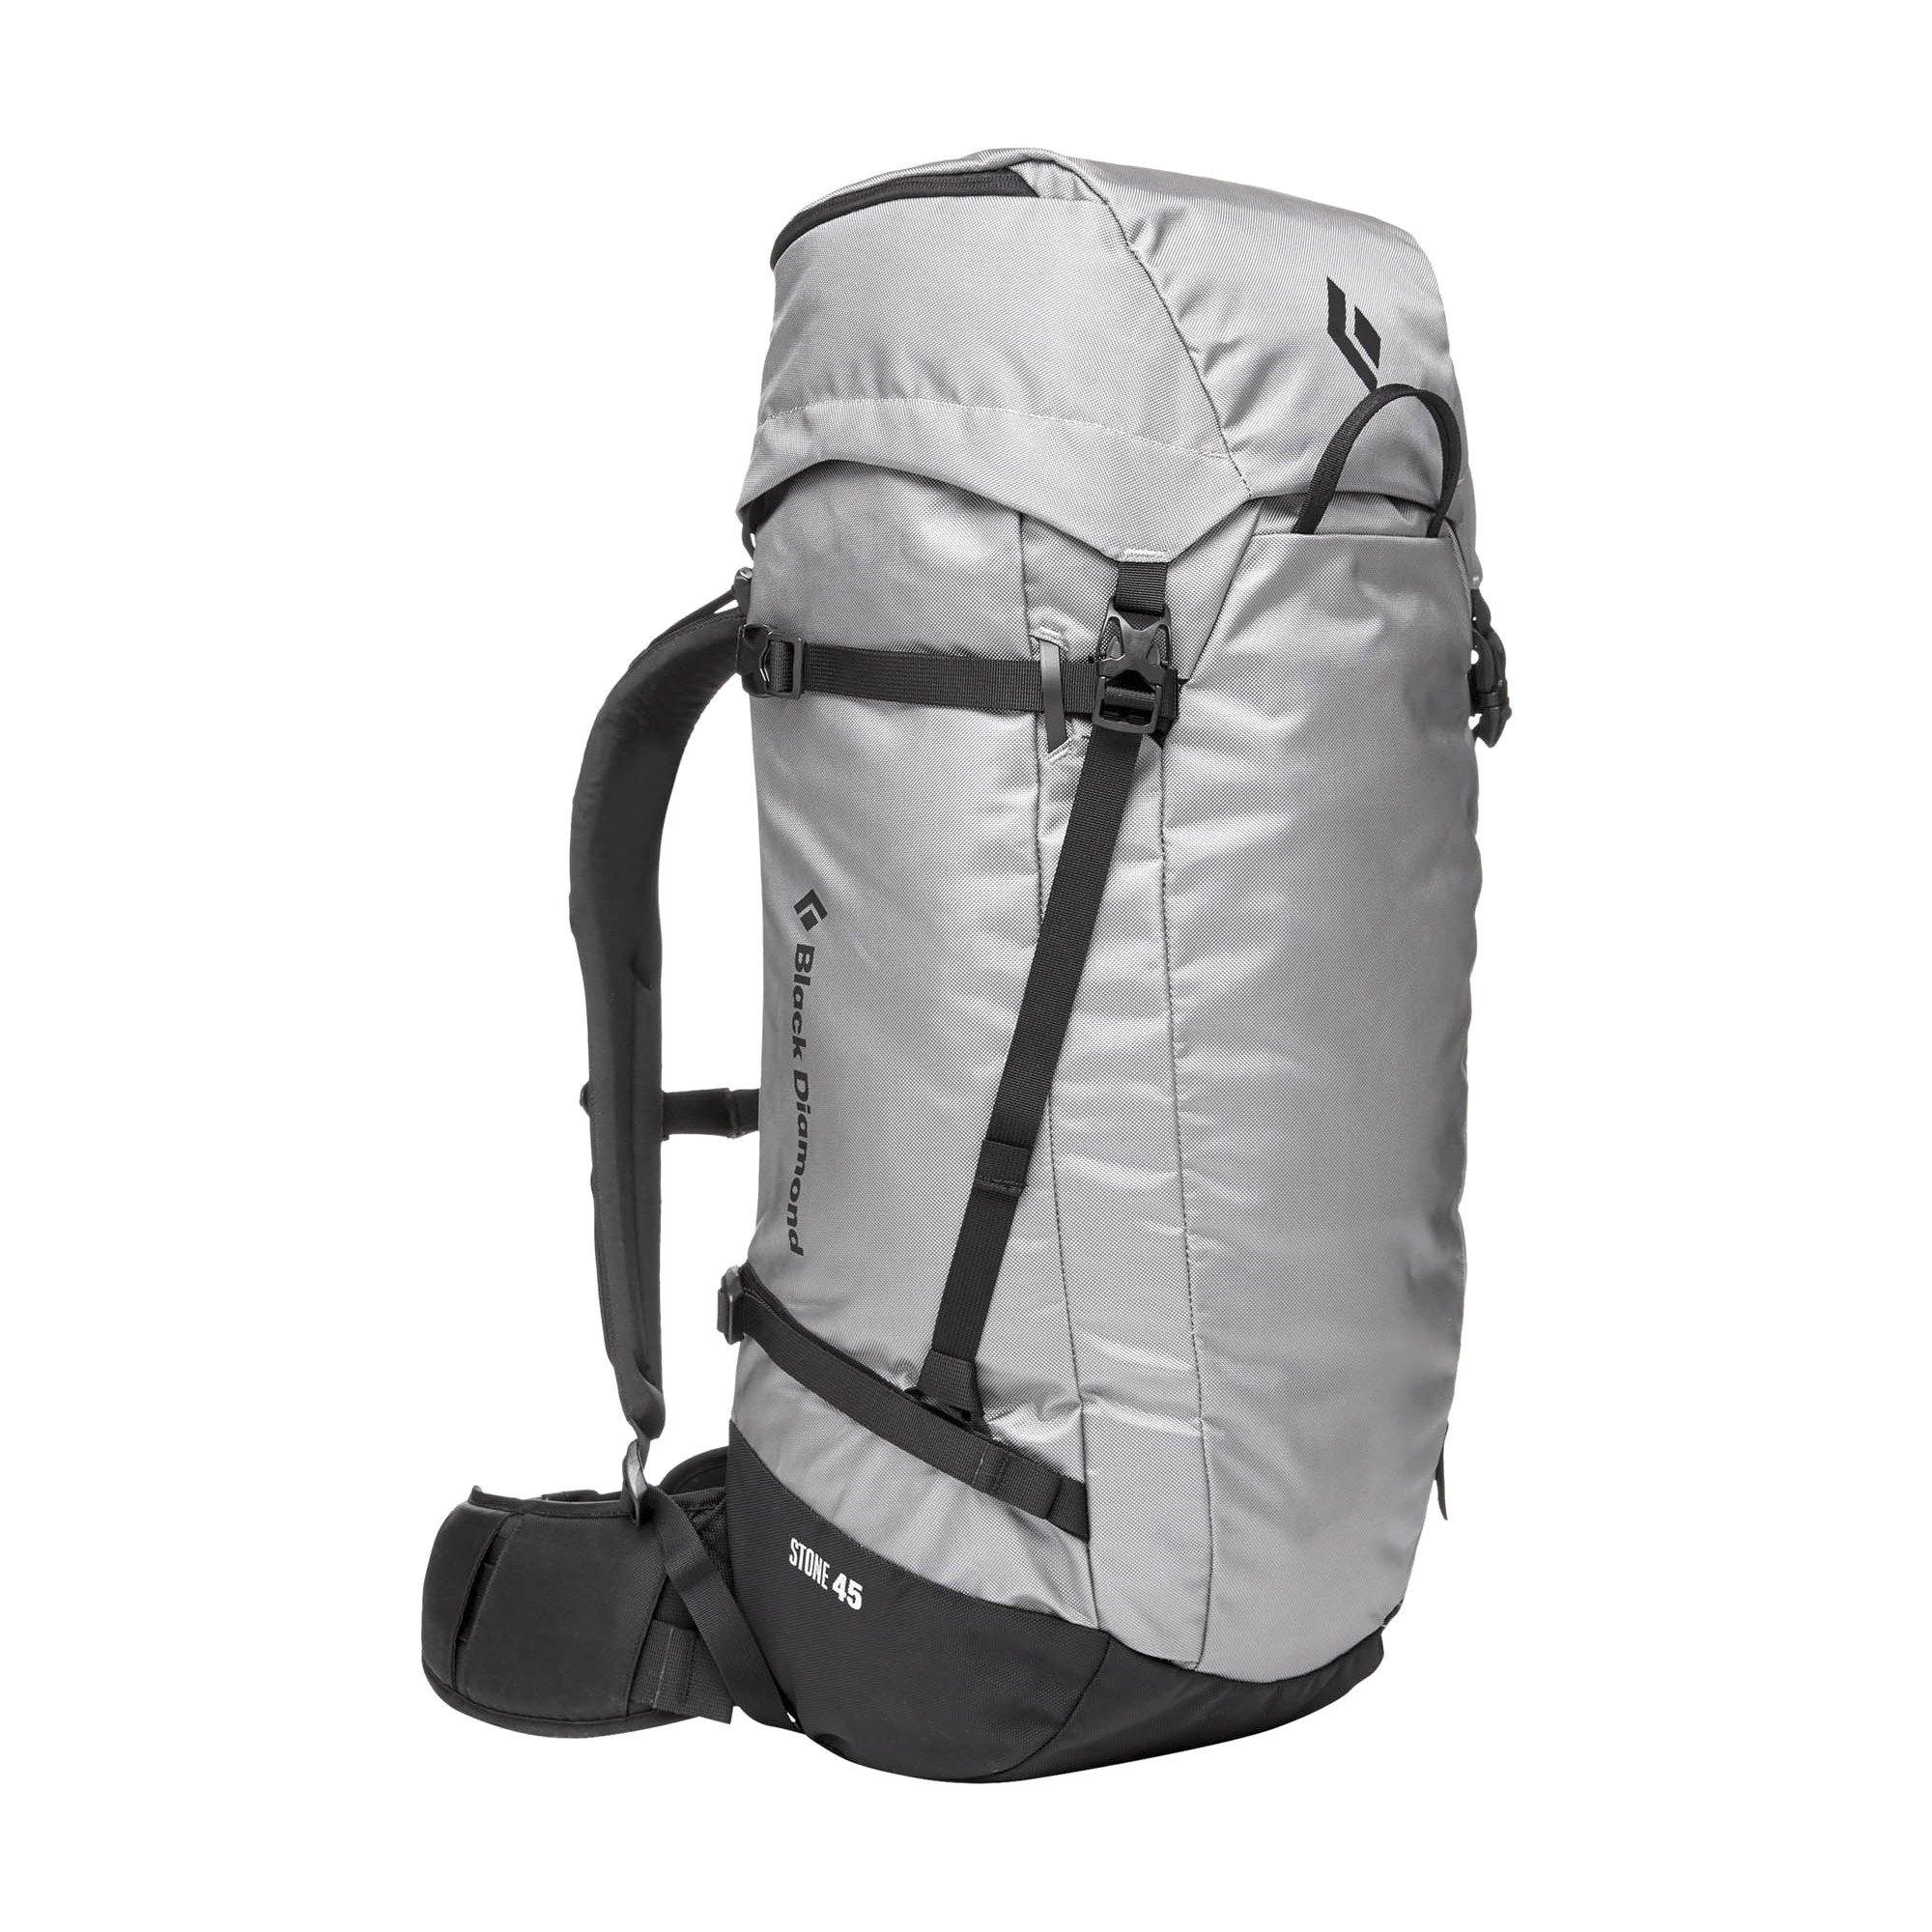 f4ec188b48517 Plecak STONE 45 nickel | podróże i trekking \ plecaki \ średnie 35 - 49  litrów podróże i trekking \ plecaki \ wspinaczkowe wspinaczka \ torby i  plecaki na ...